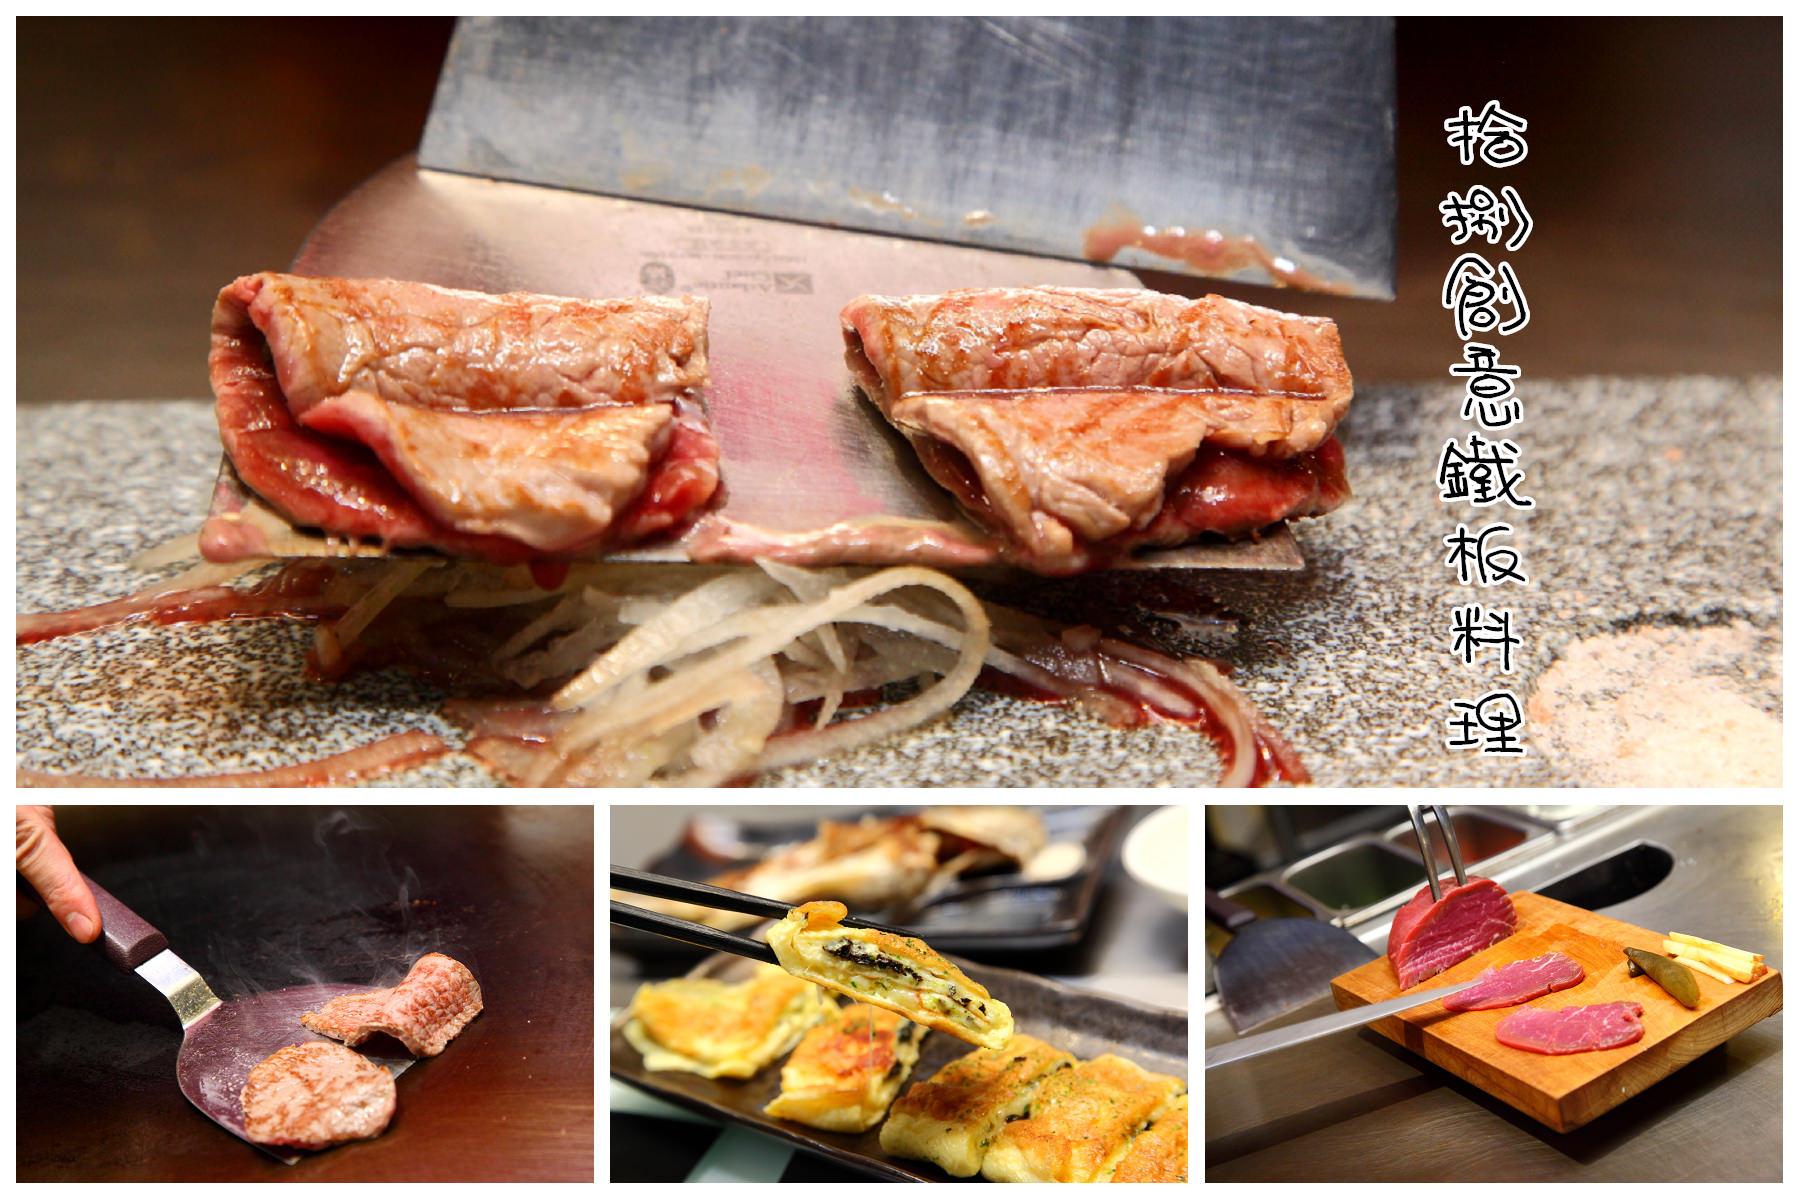 [新北新店]平價消費,高檔享受!梧棲漁港直送鮮魚,還有牛排六吃唷!拾捌創意鐵板料理